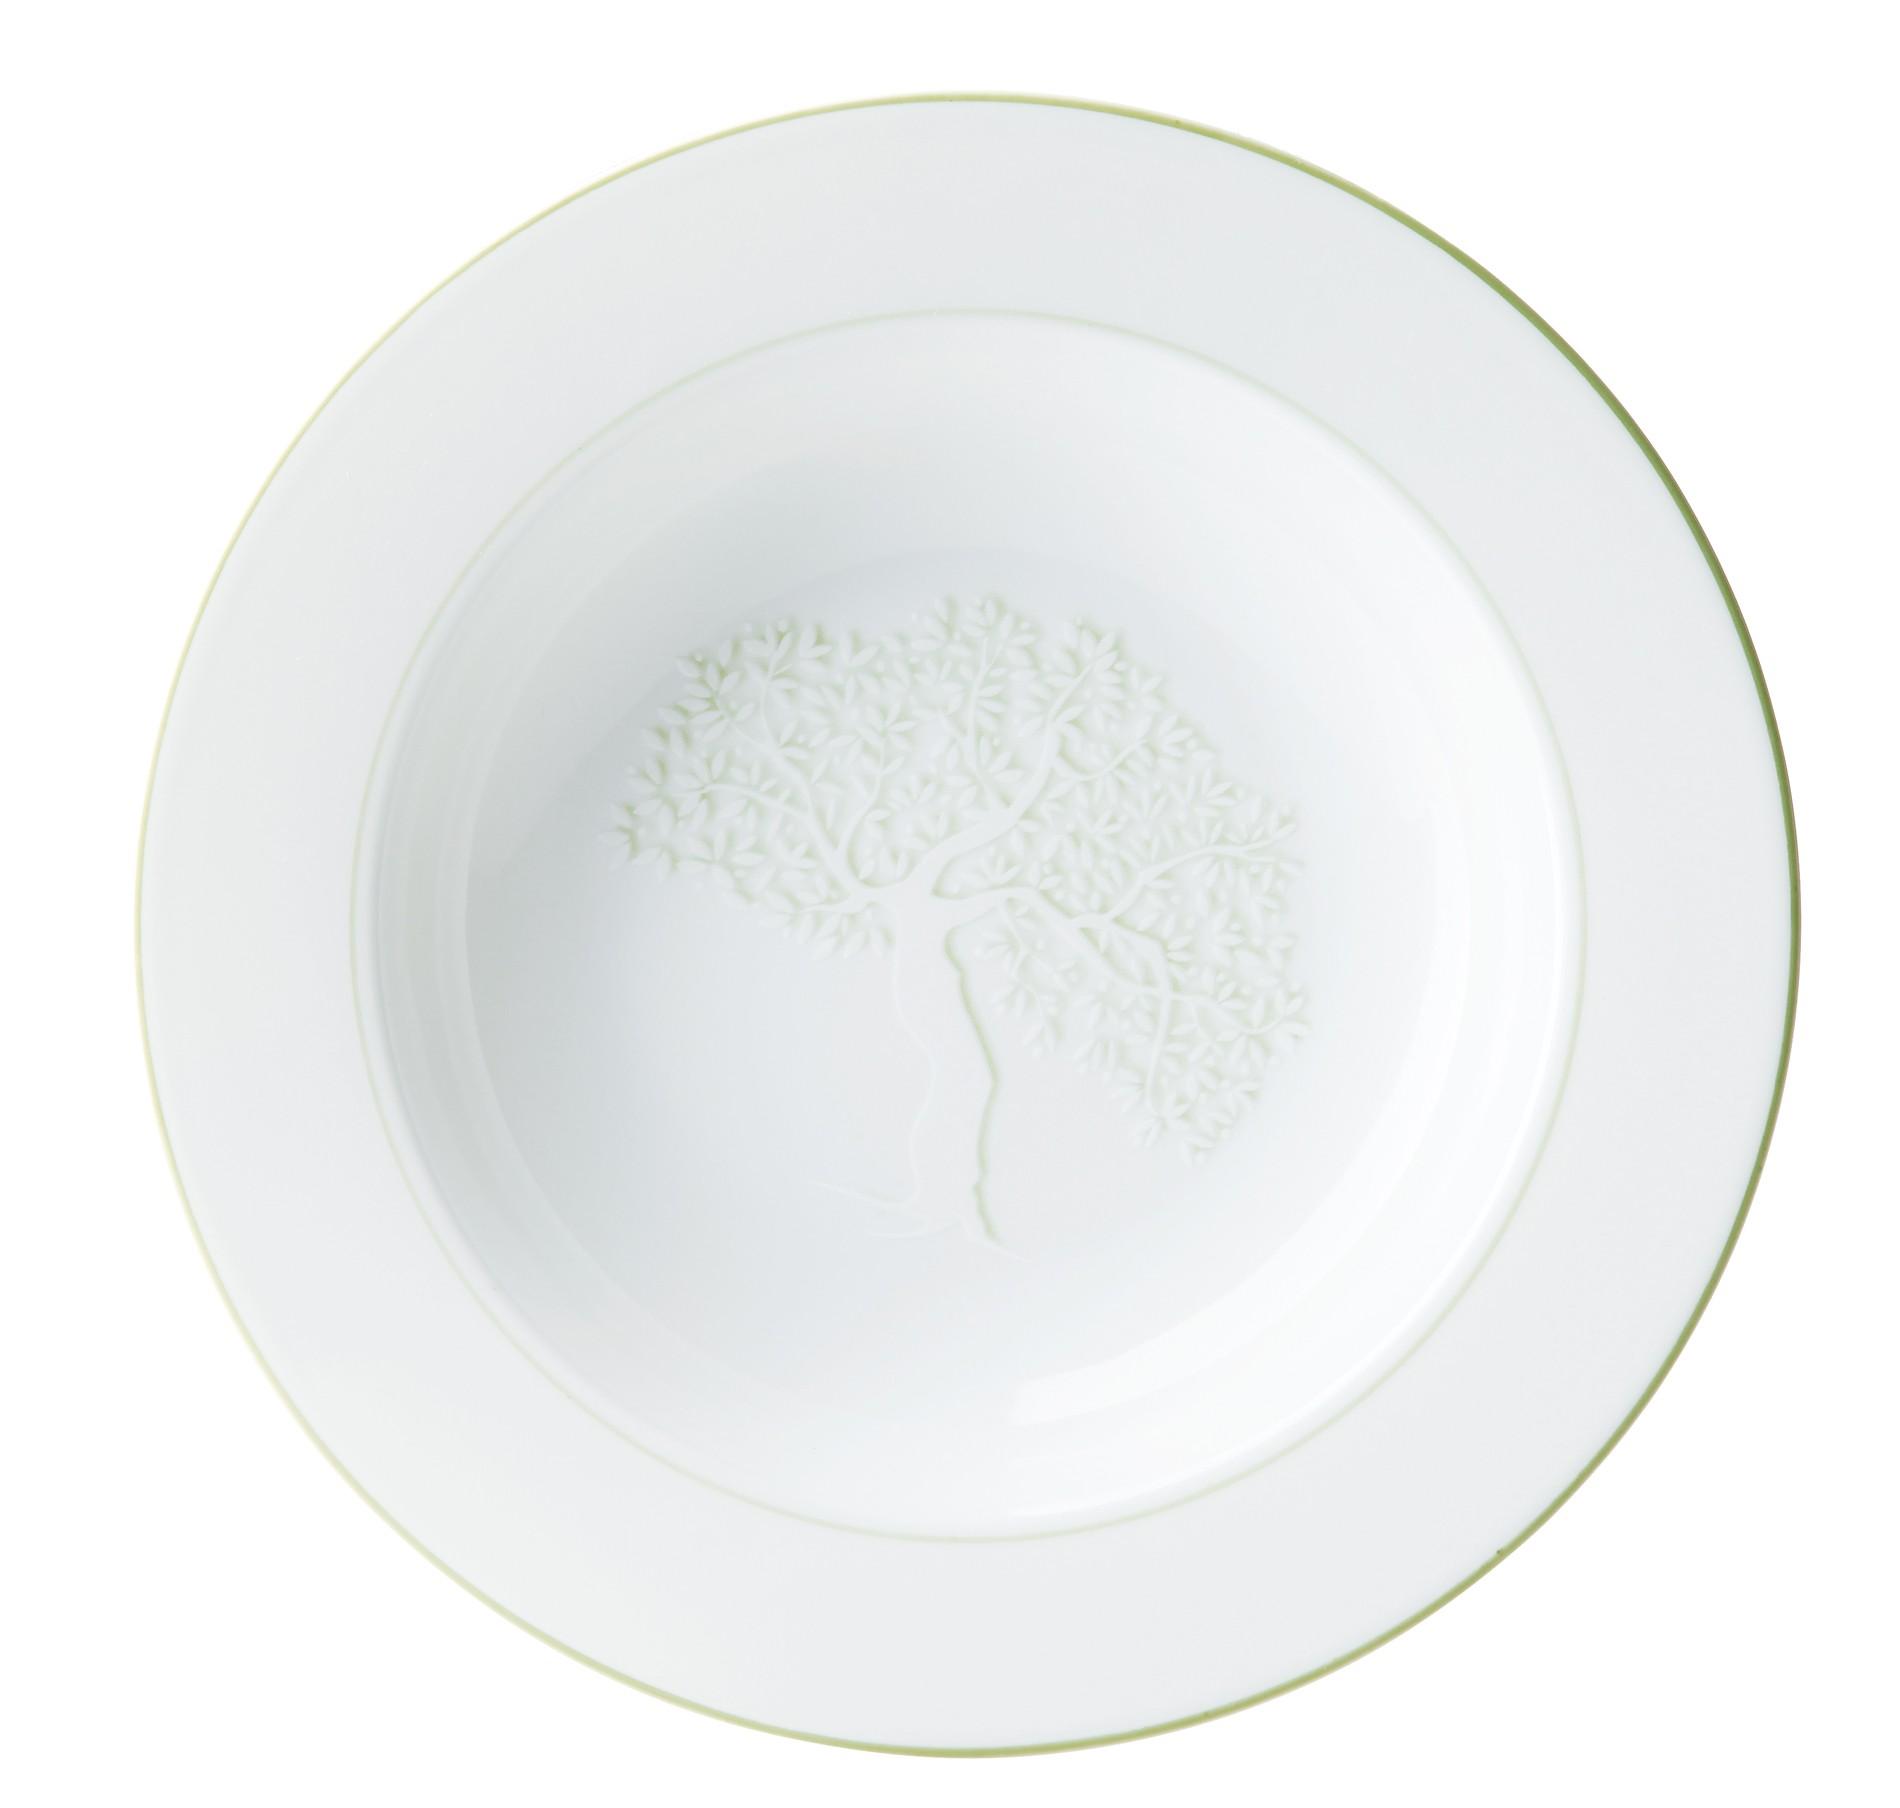 Πιάτο Βαθύ Σετ 6Τμχ Ελαιώνας 22cm Ionia home   ειδη σερβιρισματος   πιάτα